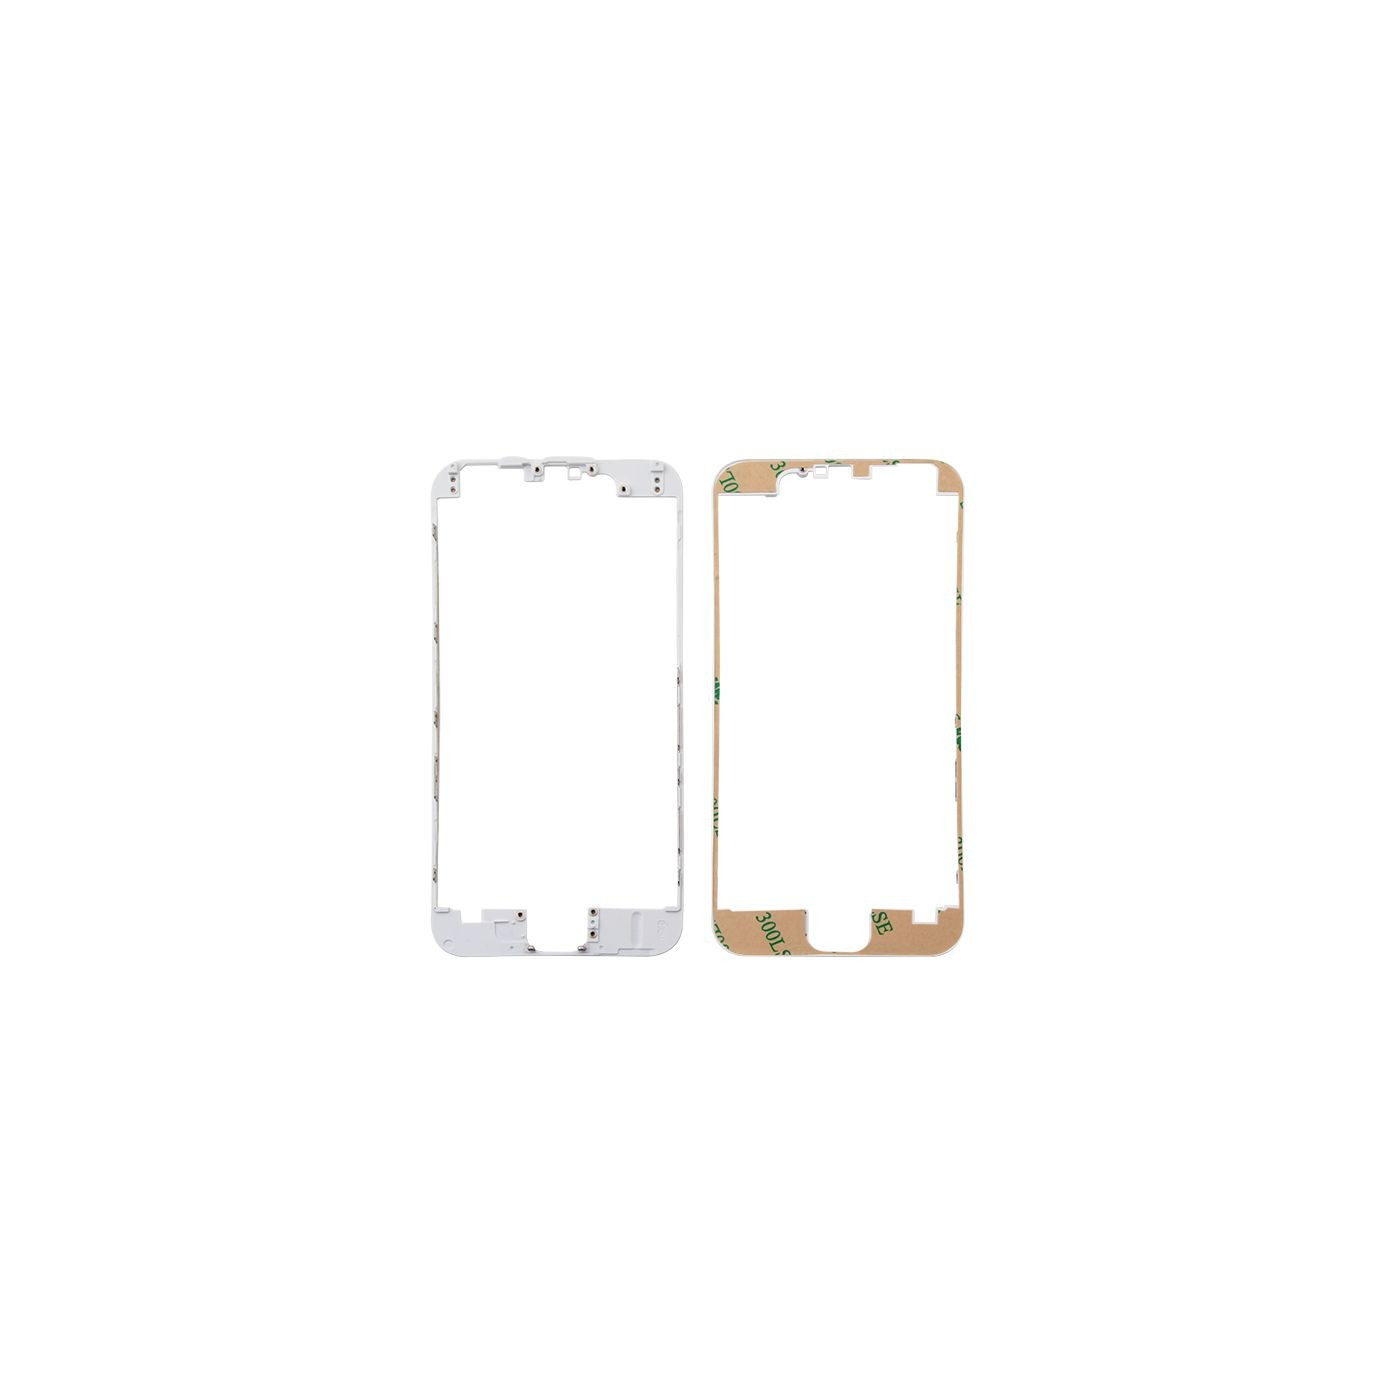 Cornice digitizer frame per iphone 6 bianco con adesivo